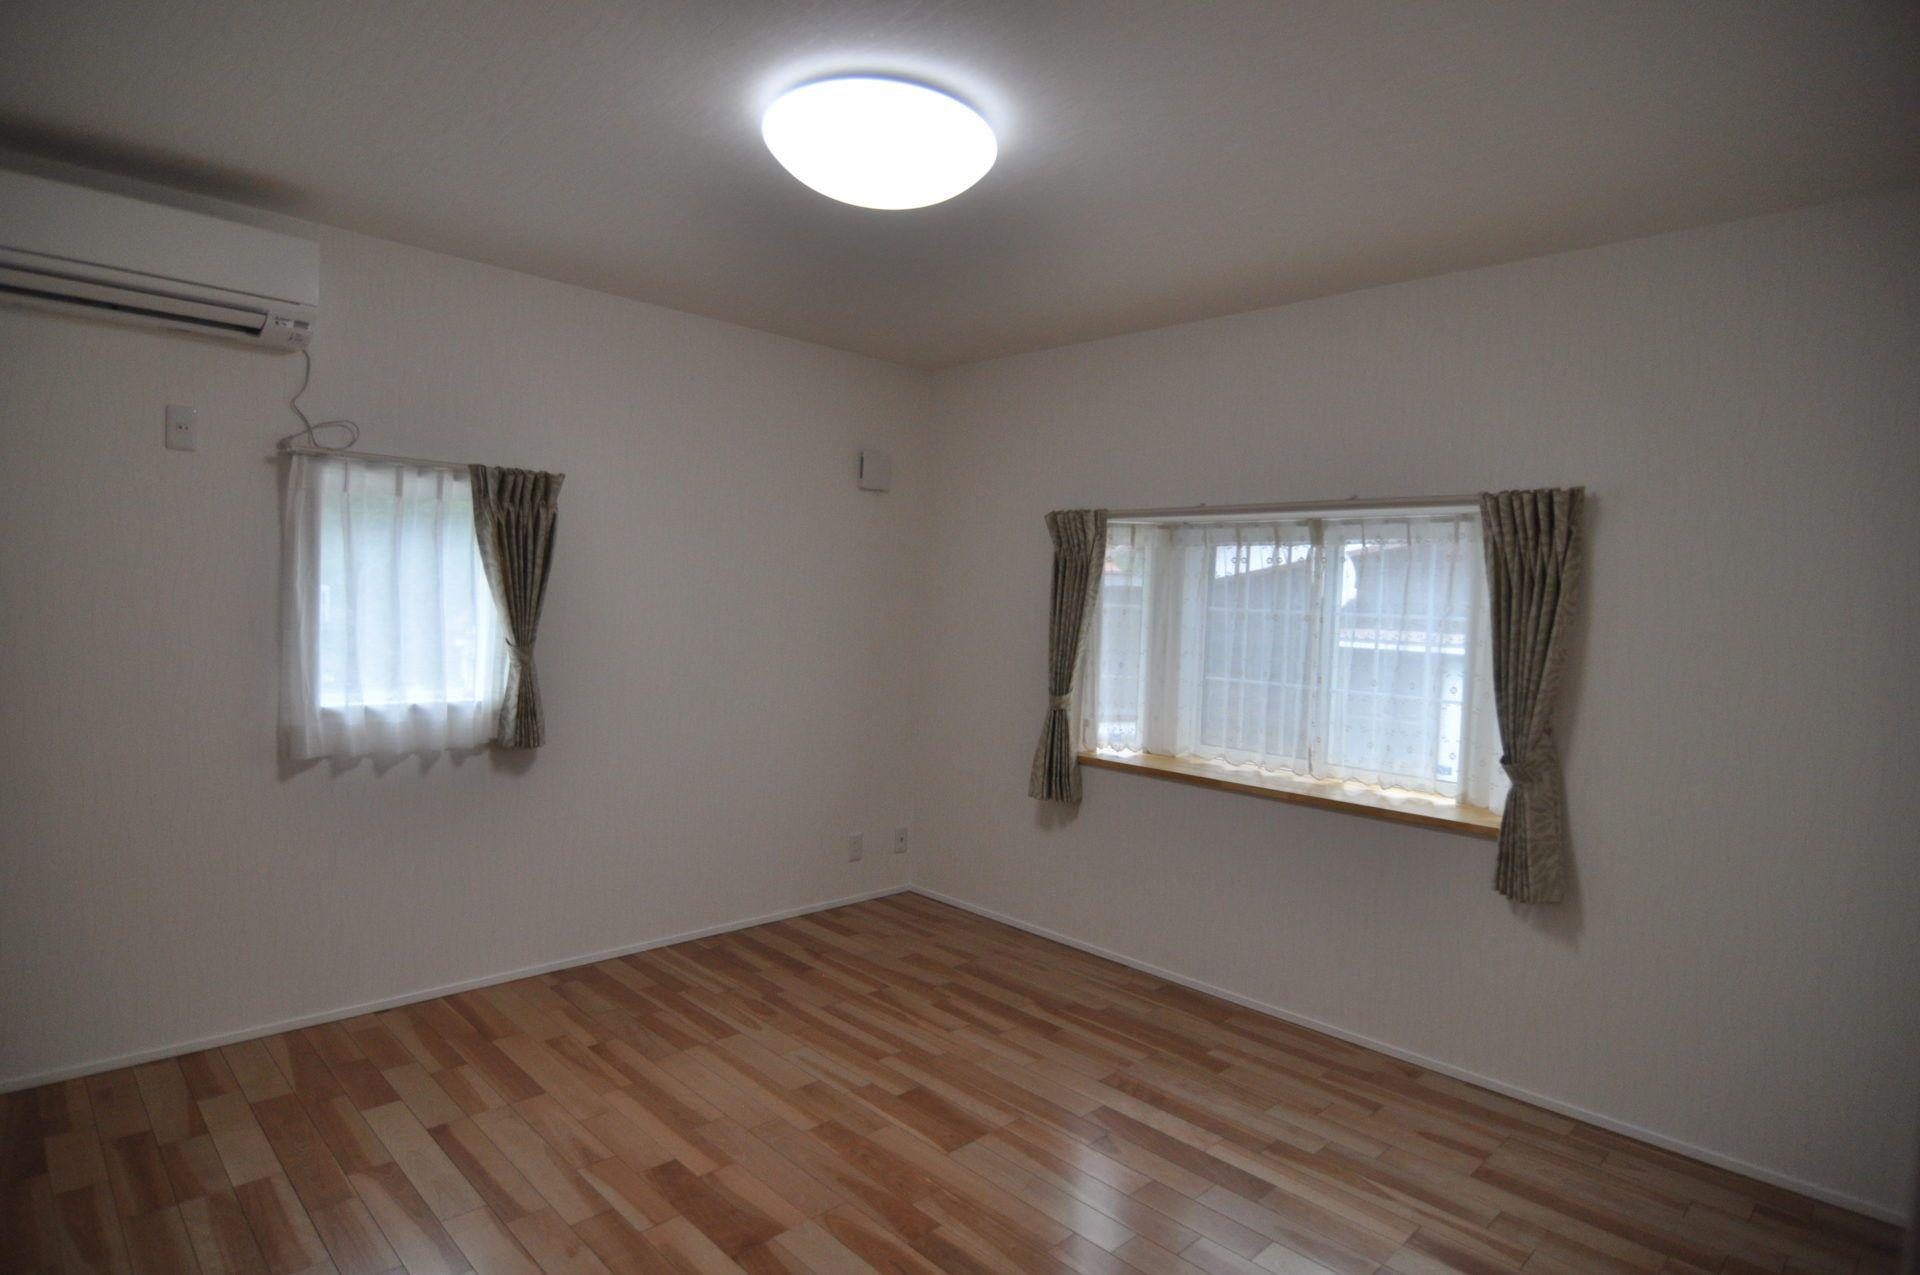 有限会社 市川建築店 1級建築士事務所「三条市 I様邸」のシンプル・ナチュラルな居室の実例写真